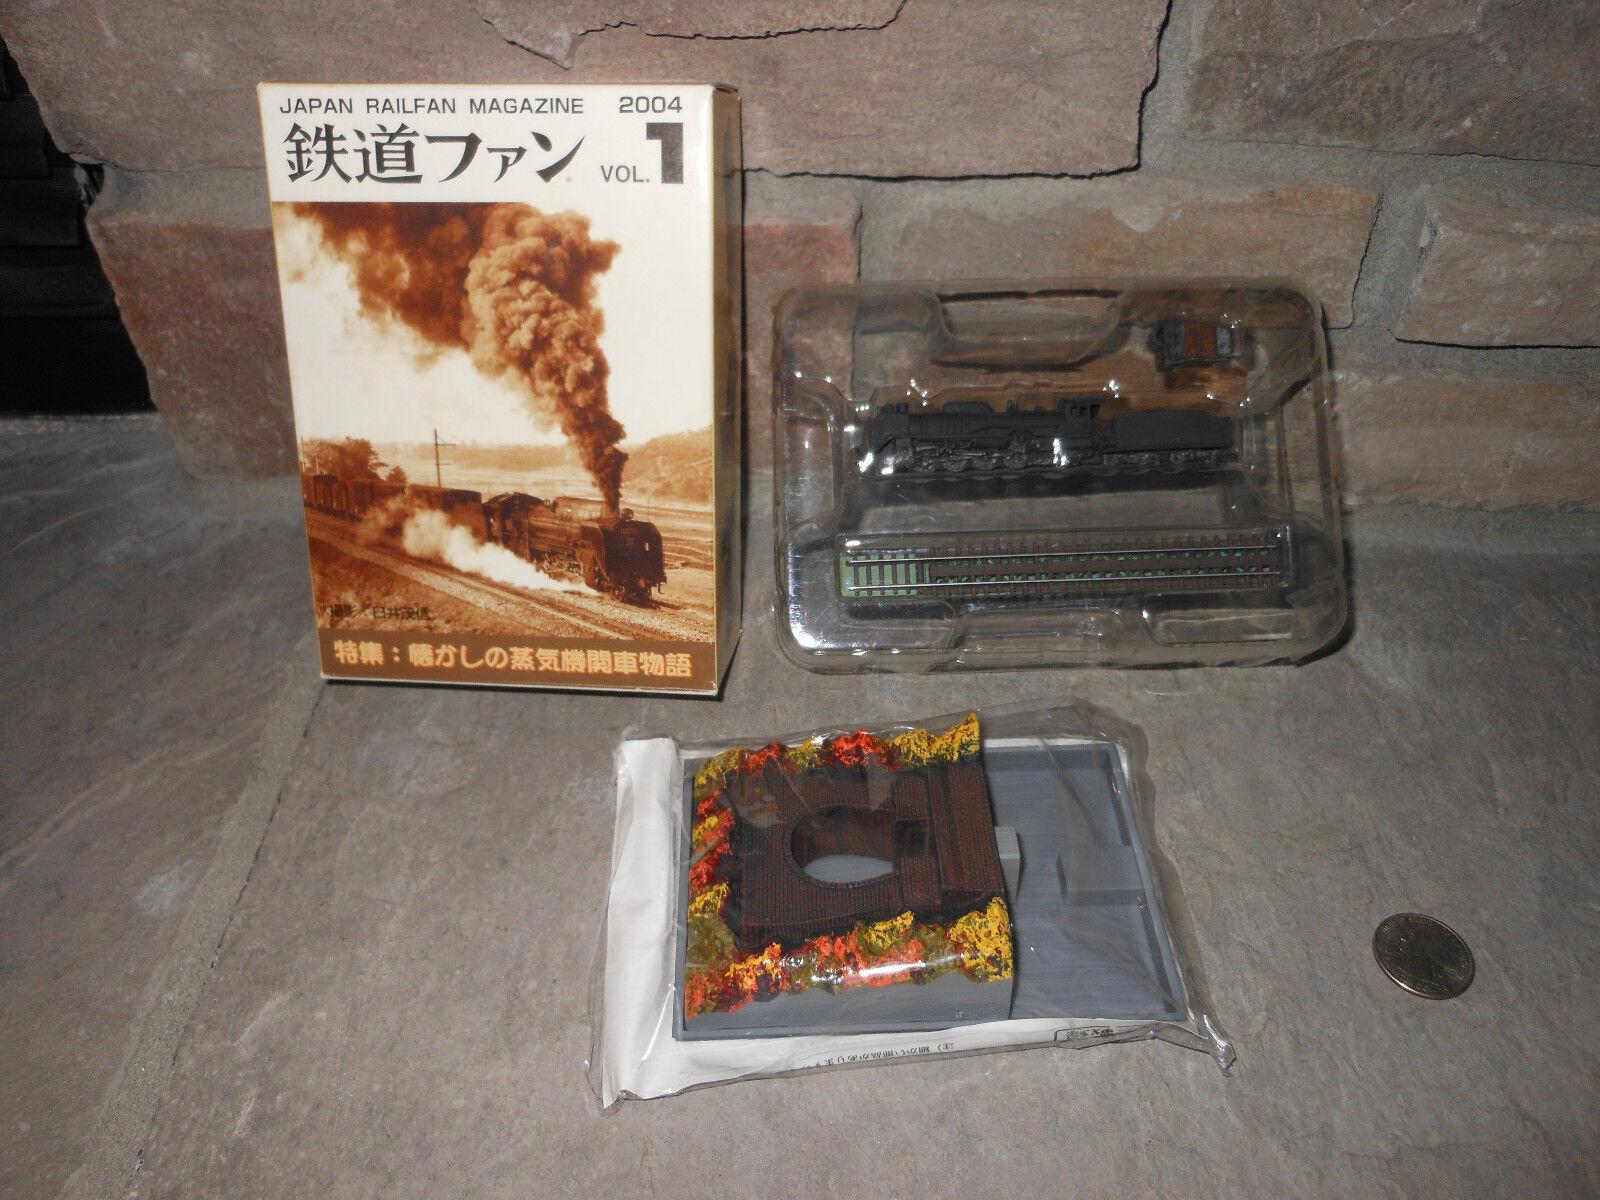 Japan Railfan Magazine Vol. 1 2004 Surprise Train Model Z Scale Collectible   D